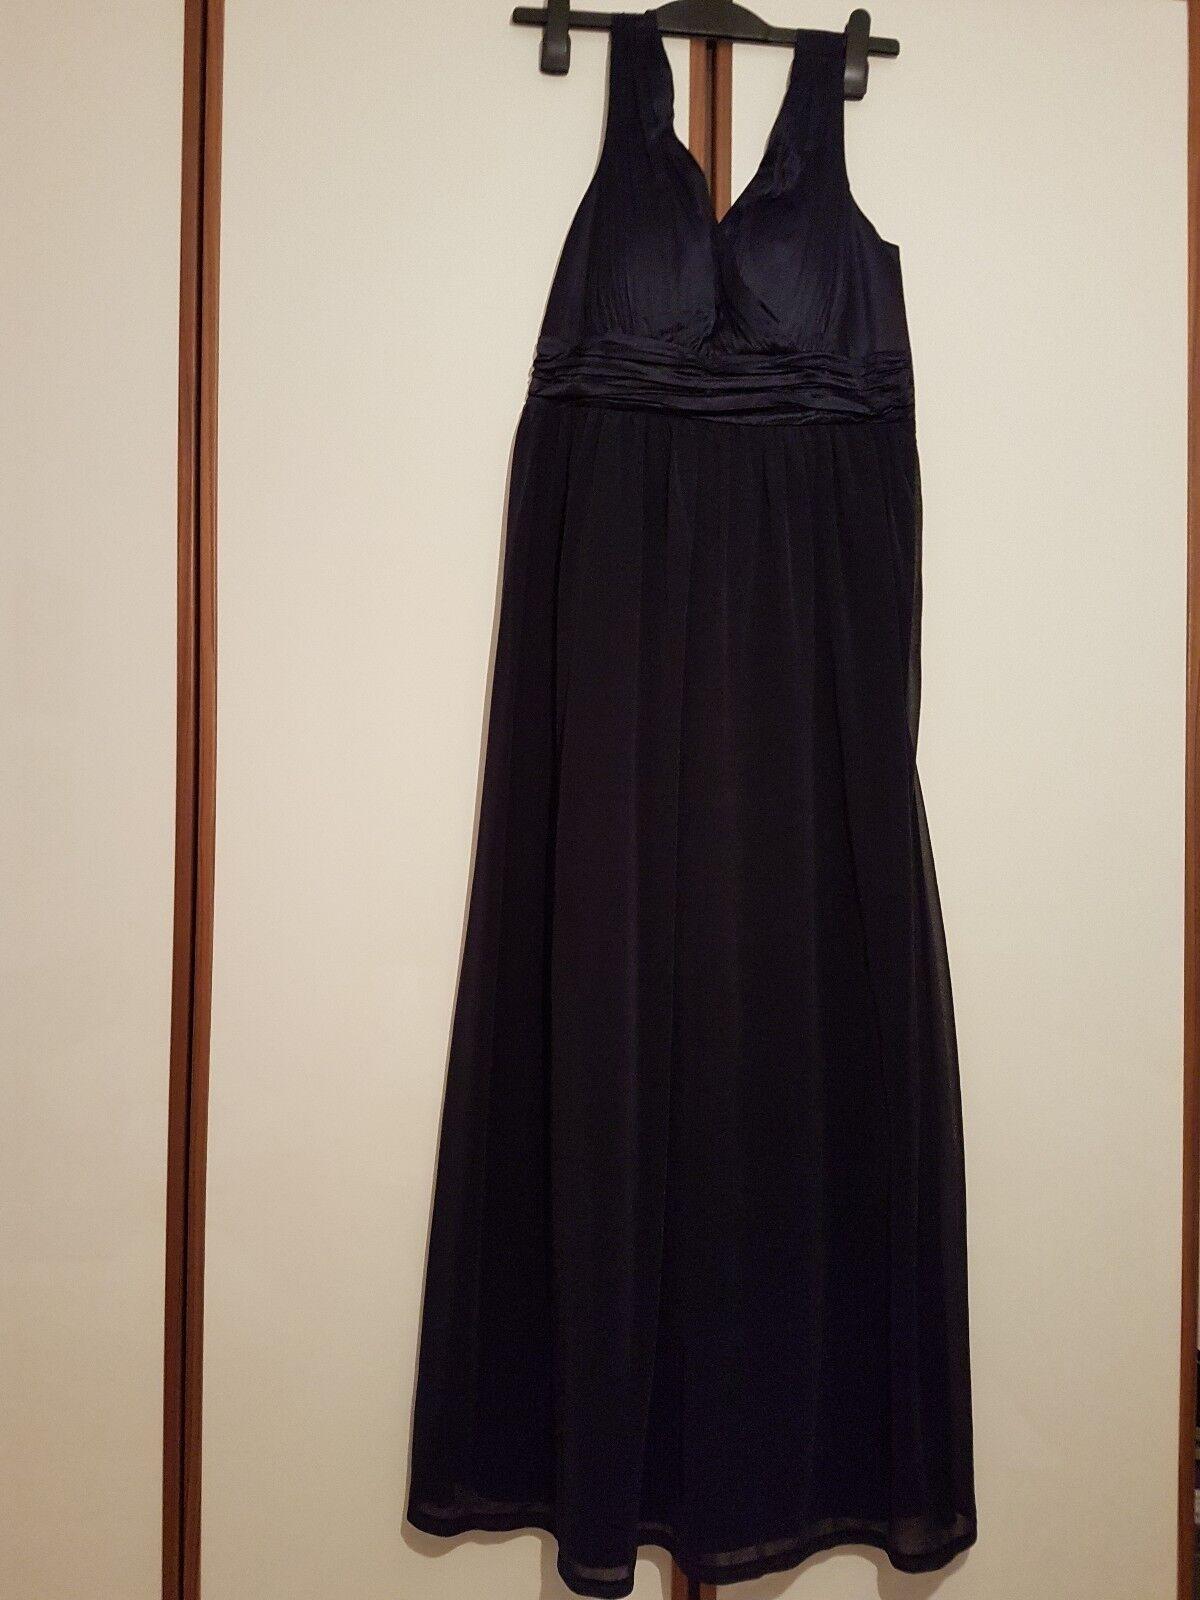 NEU dunkelblau Esprit Lang Abendkleid und M Gr. NP